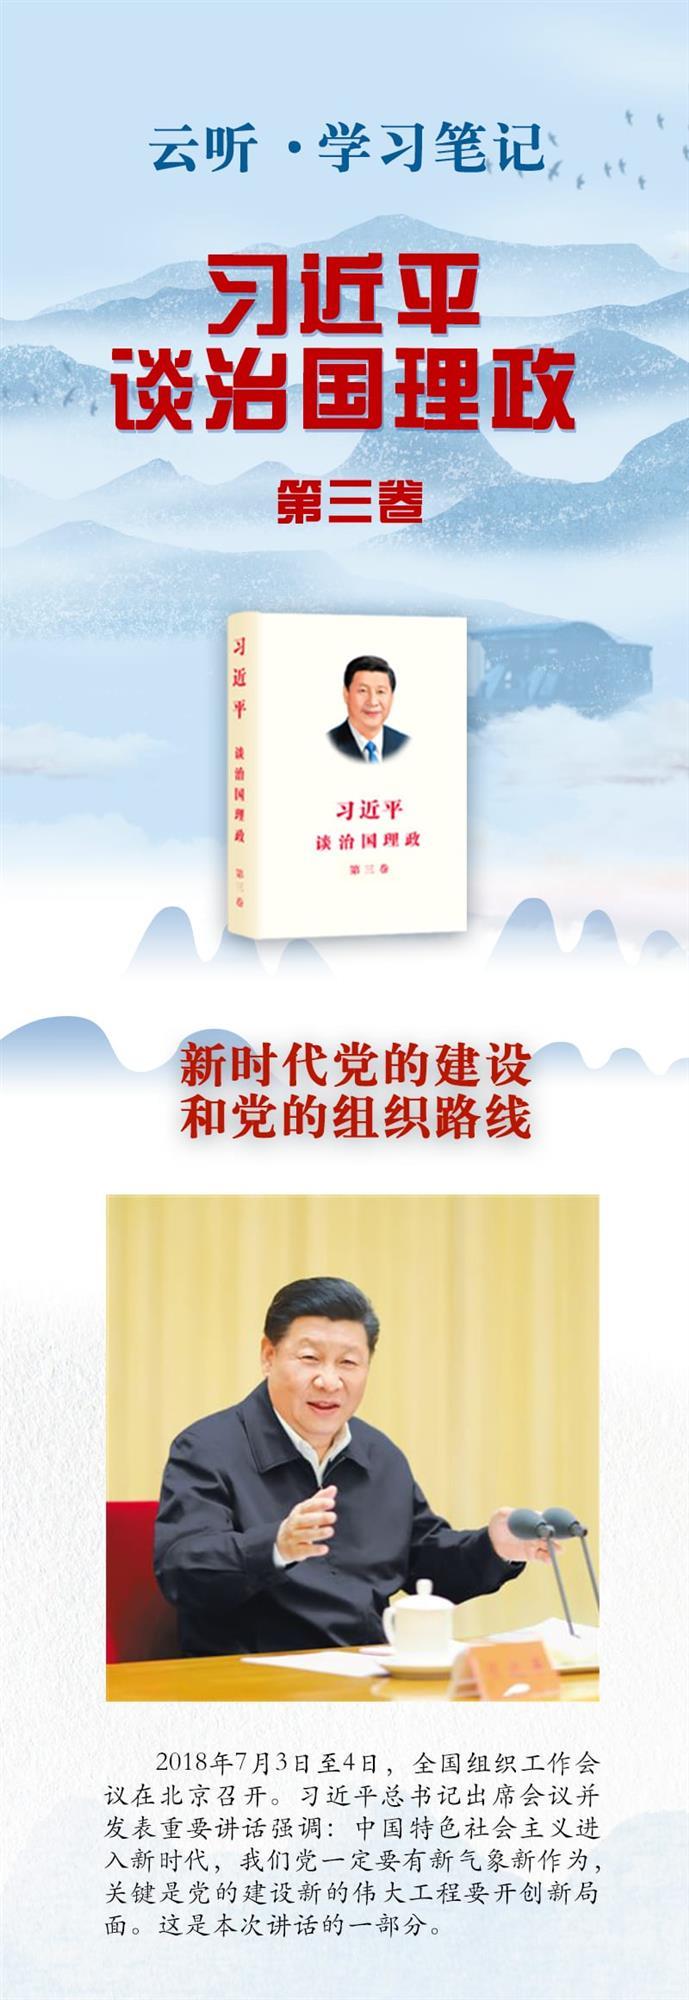 记⑤新时代党的建设和党的组织杏悦路,杏悦图片